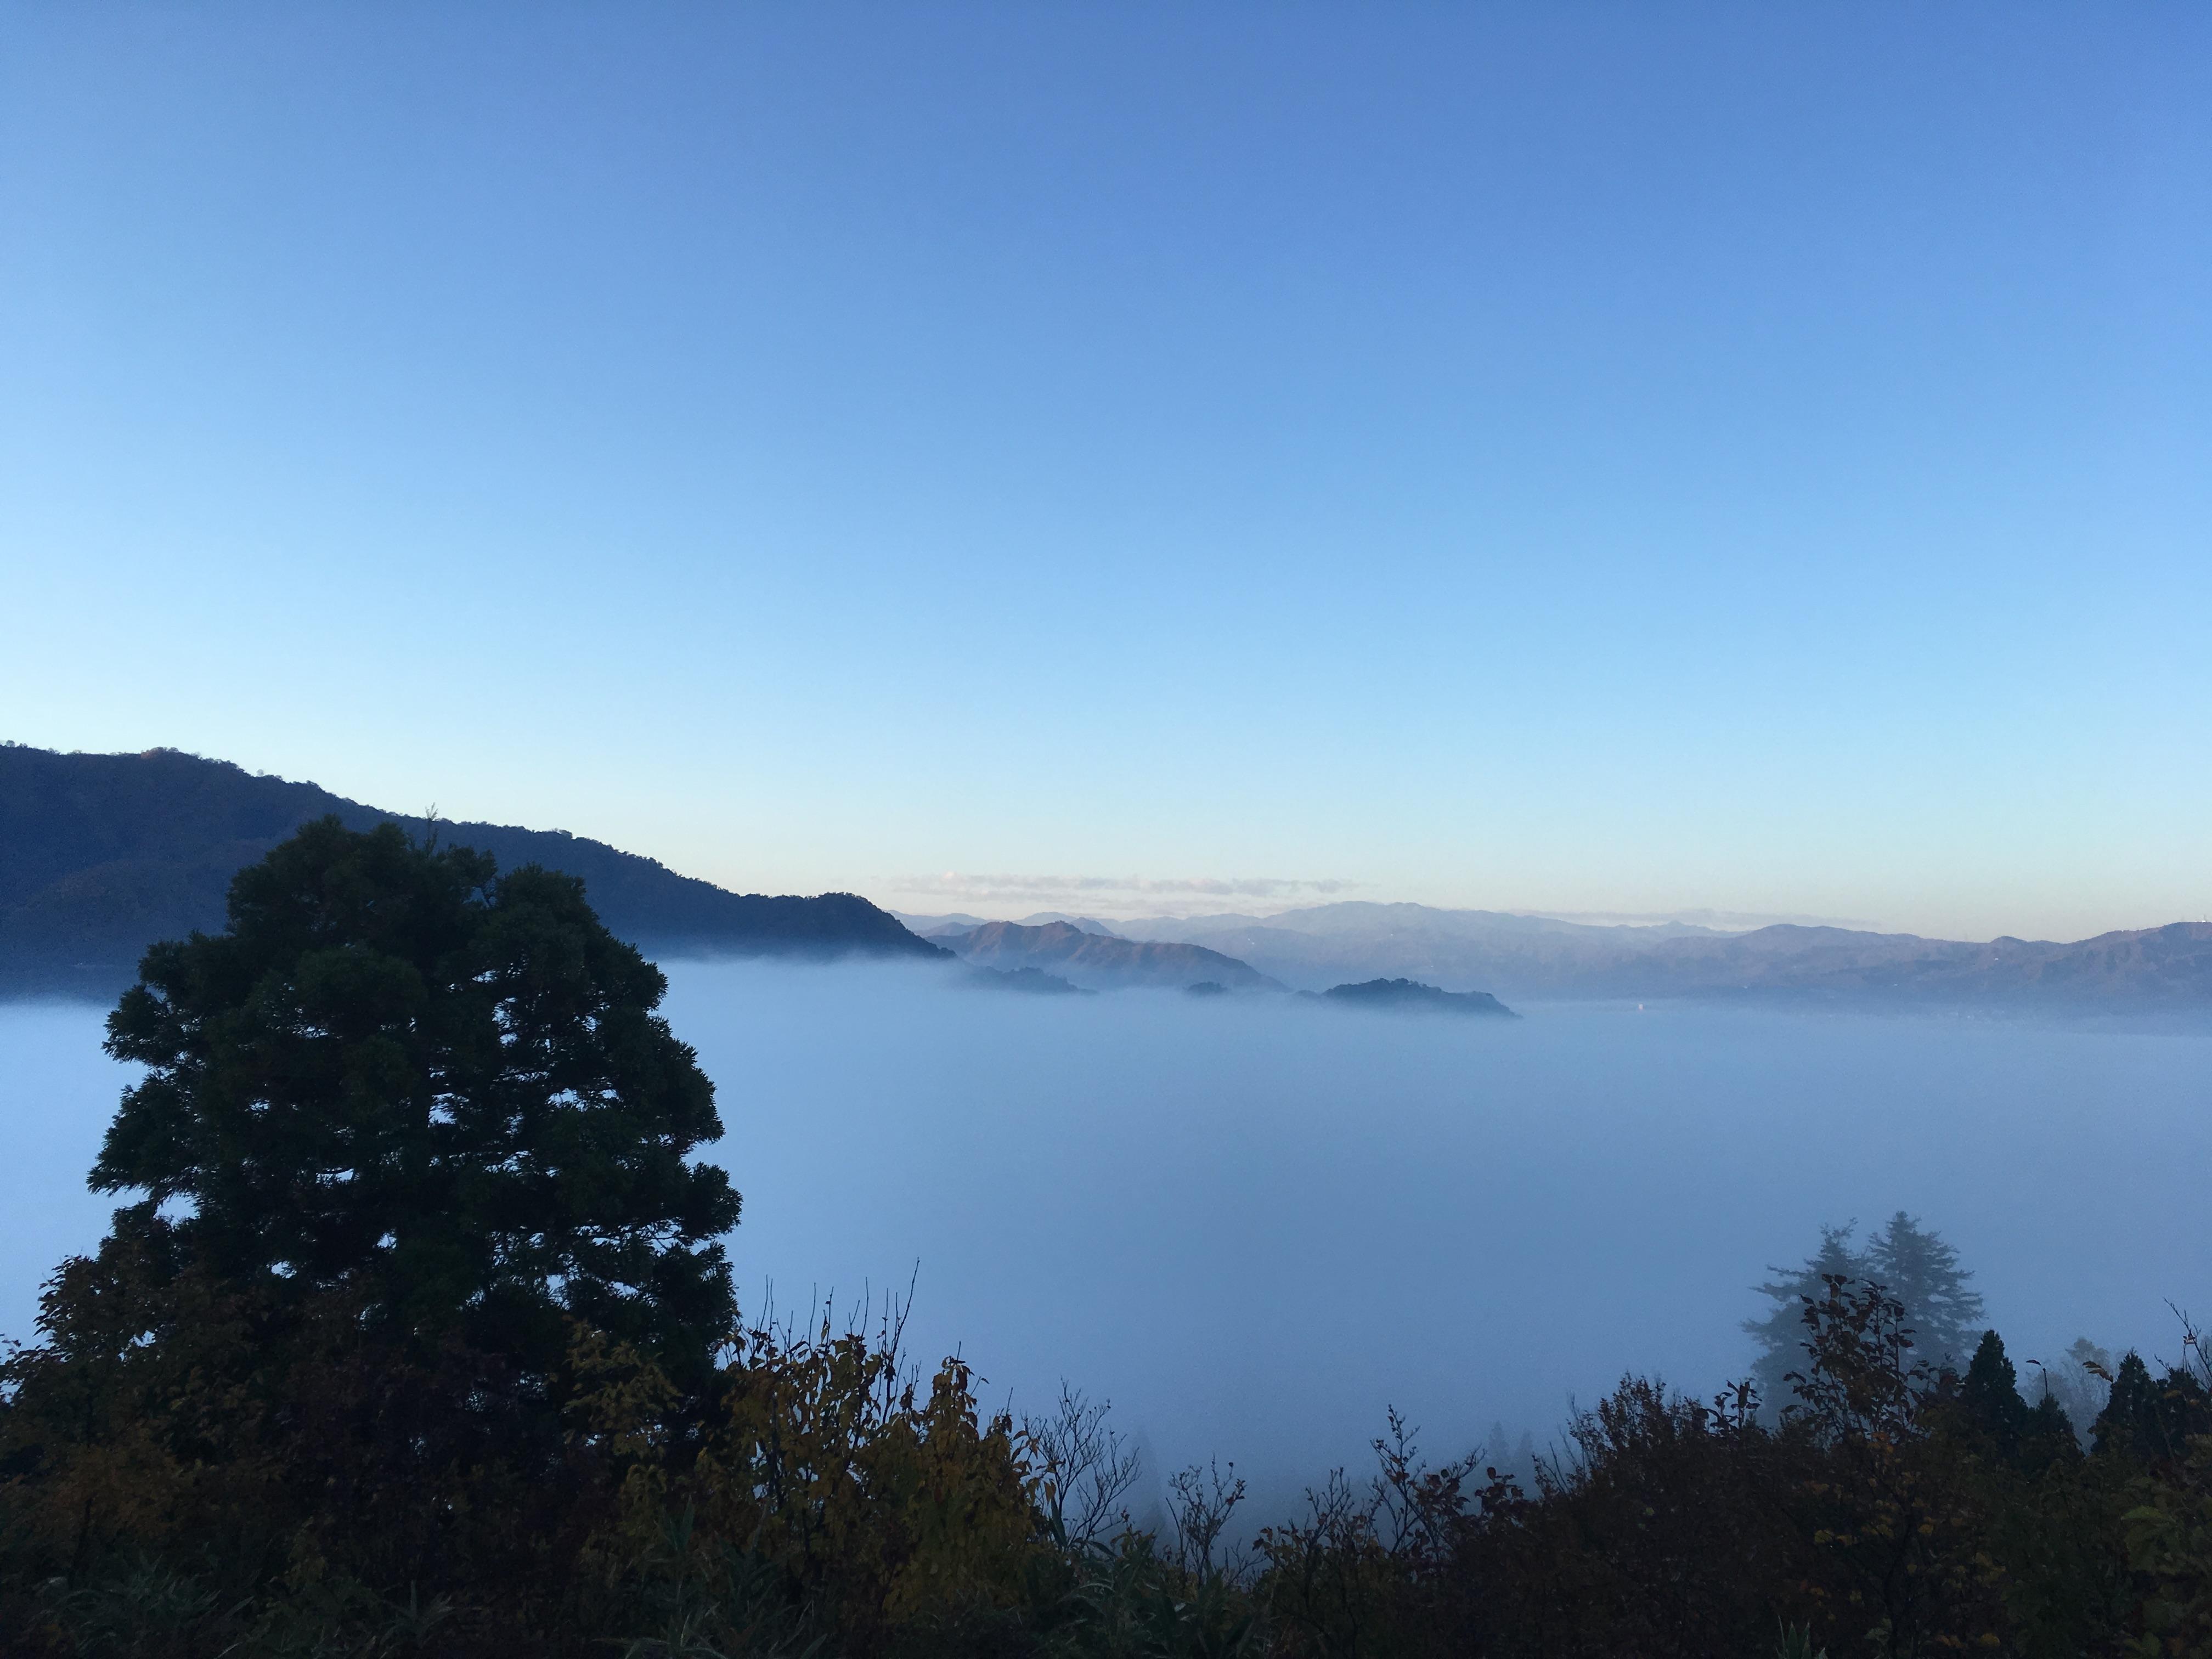 2018.11.04 坊谷山から坂戸山を望む BY HUNTER-SHISHIMAI